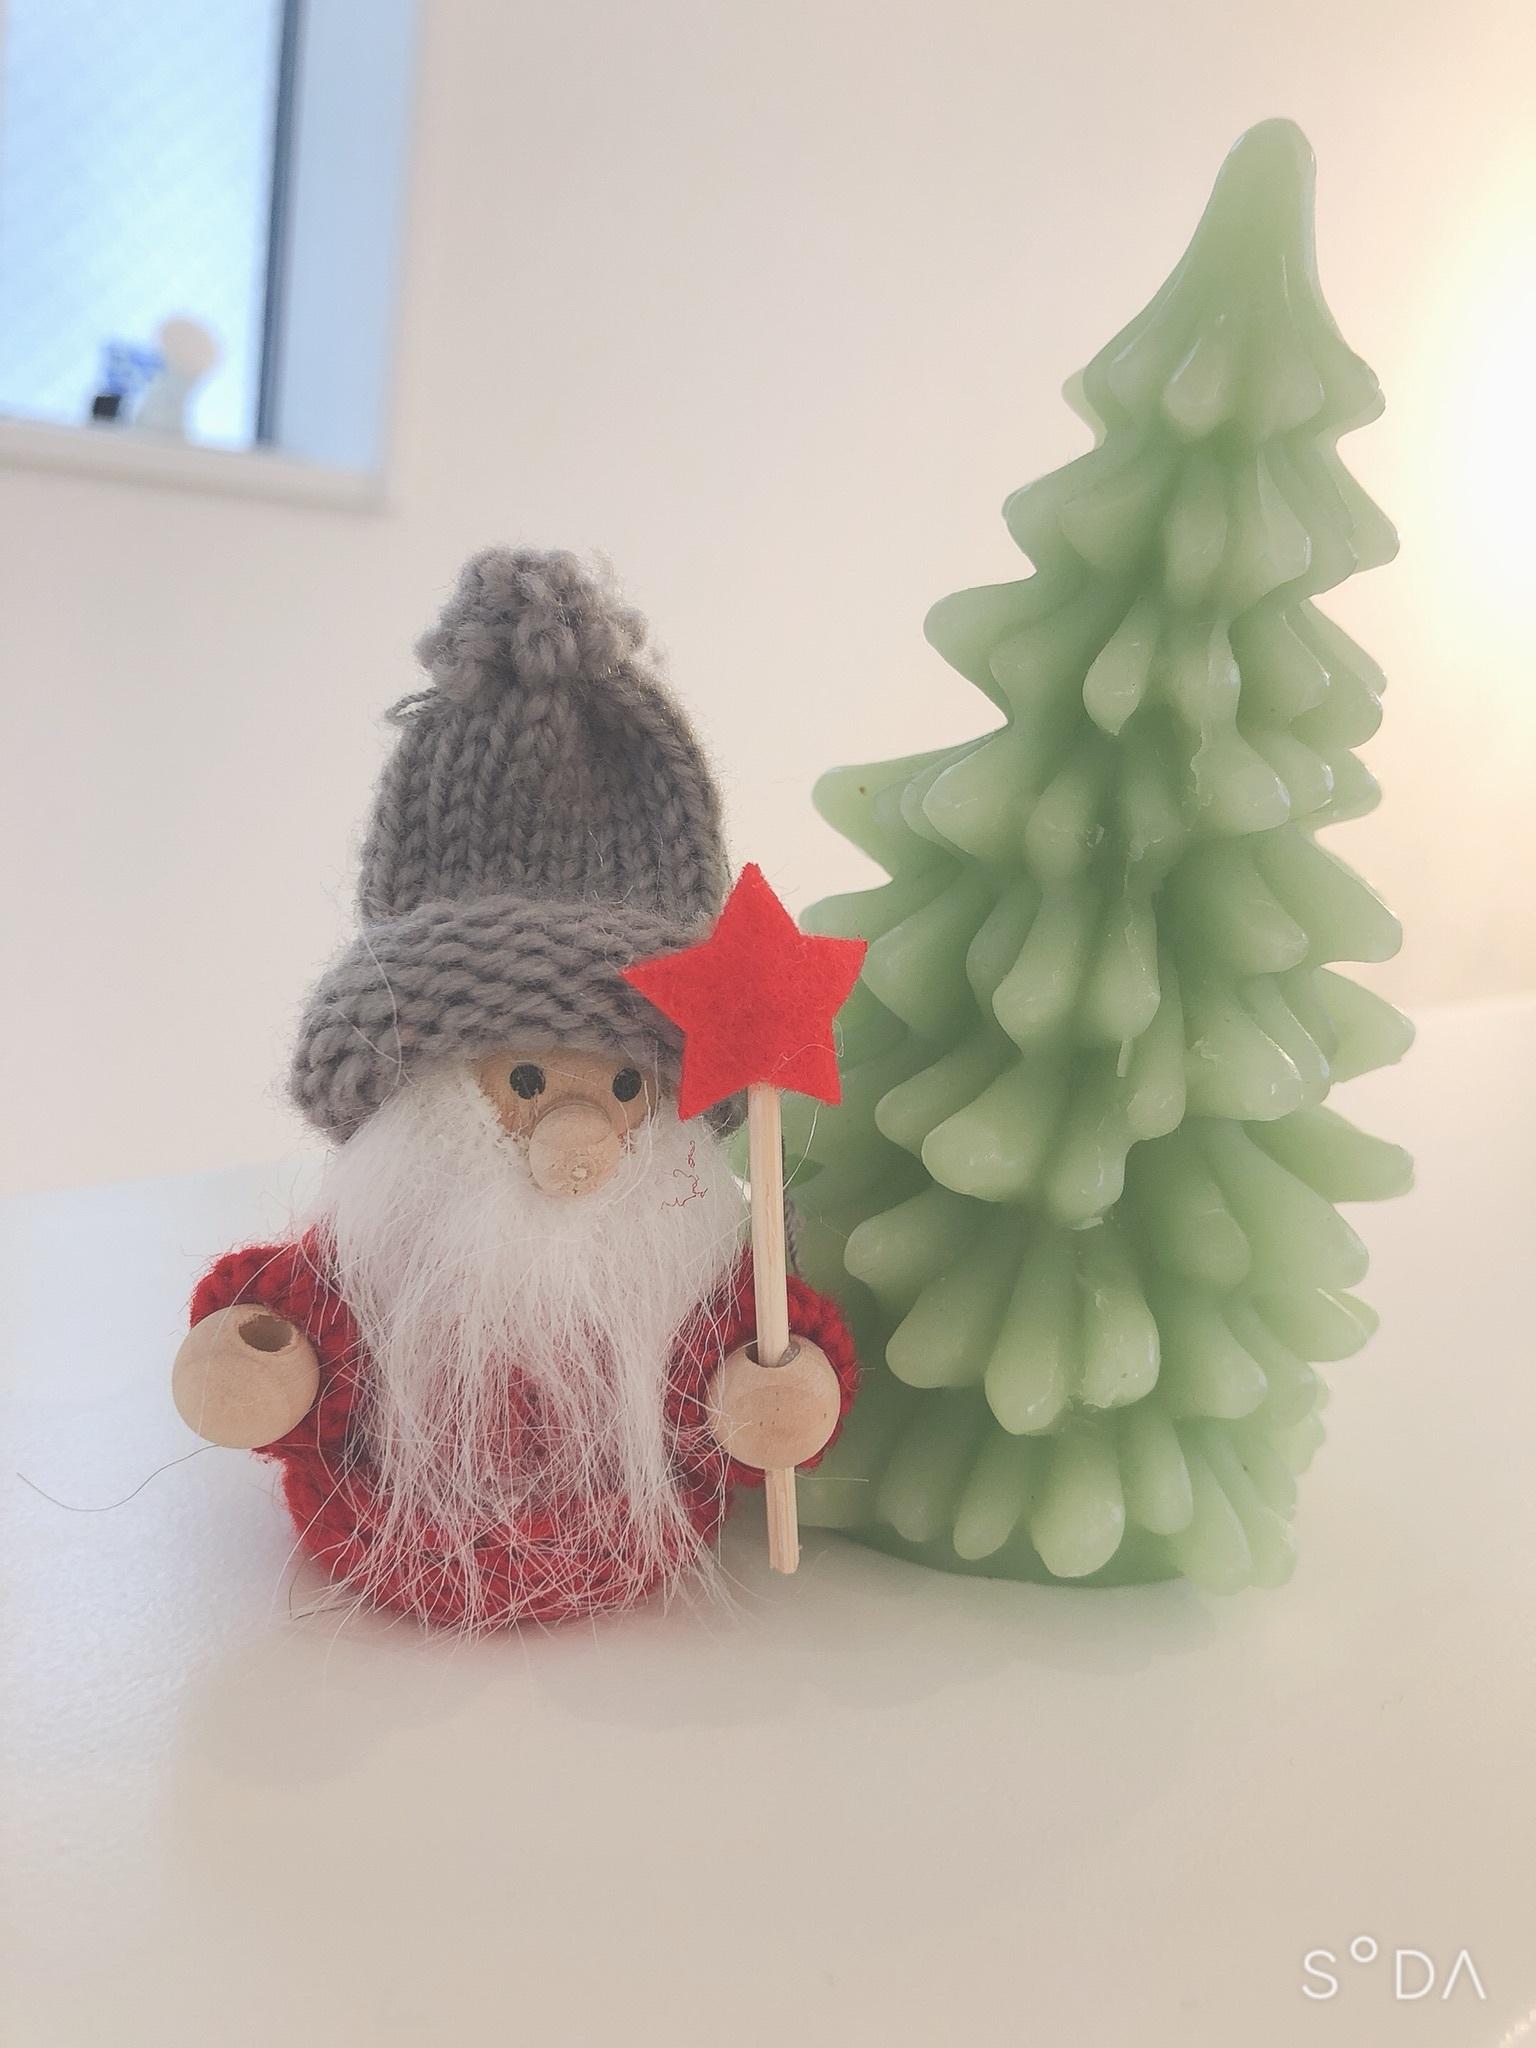 クリスマス小物★刺繍その後_e0379544_20030604.jpeg